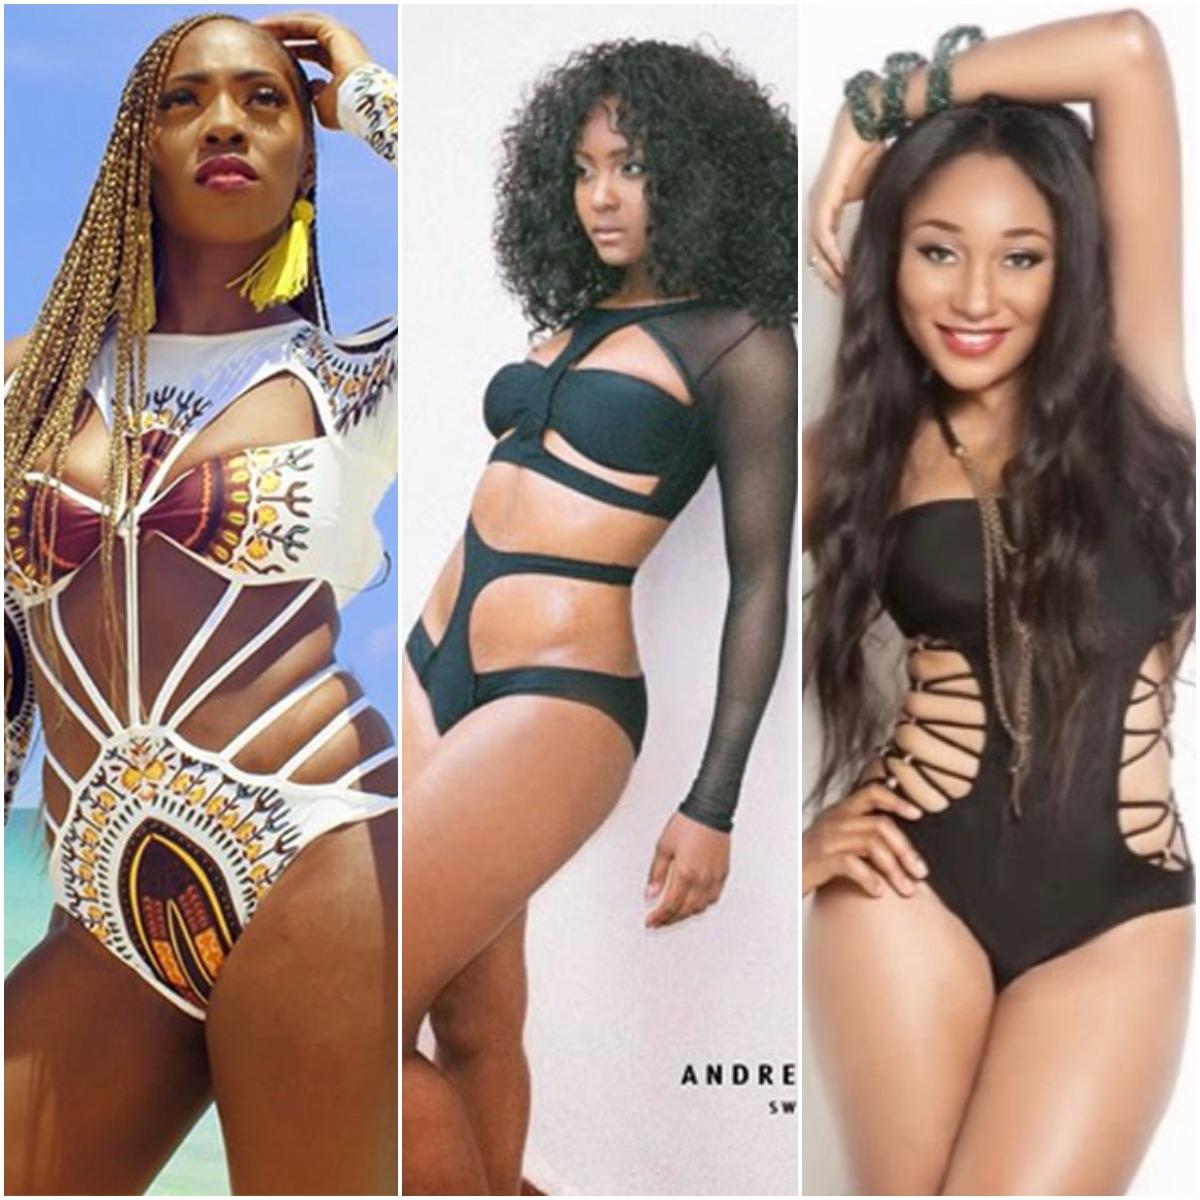 Nigerian Female Celebrities In A Bikini